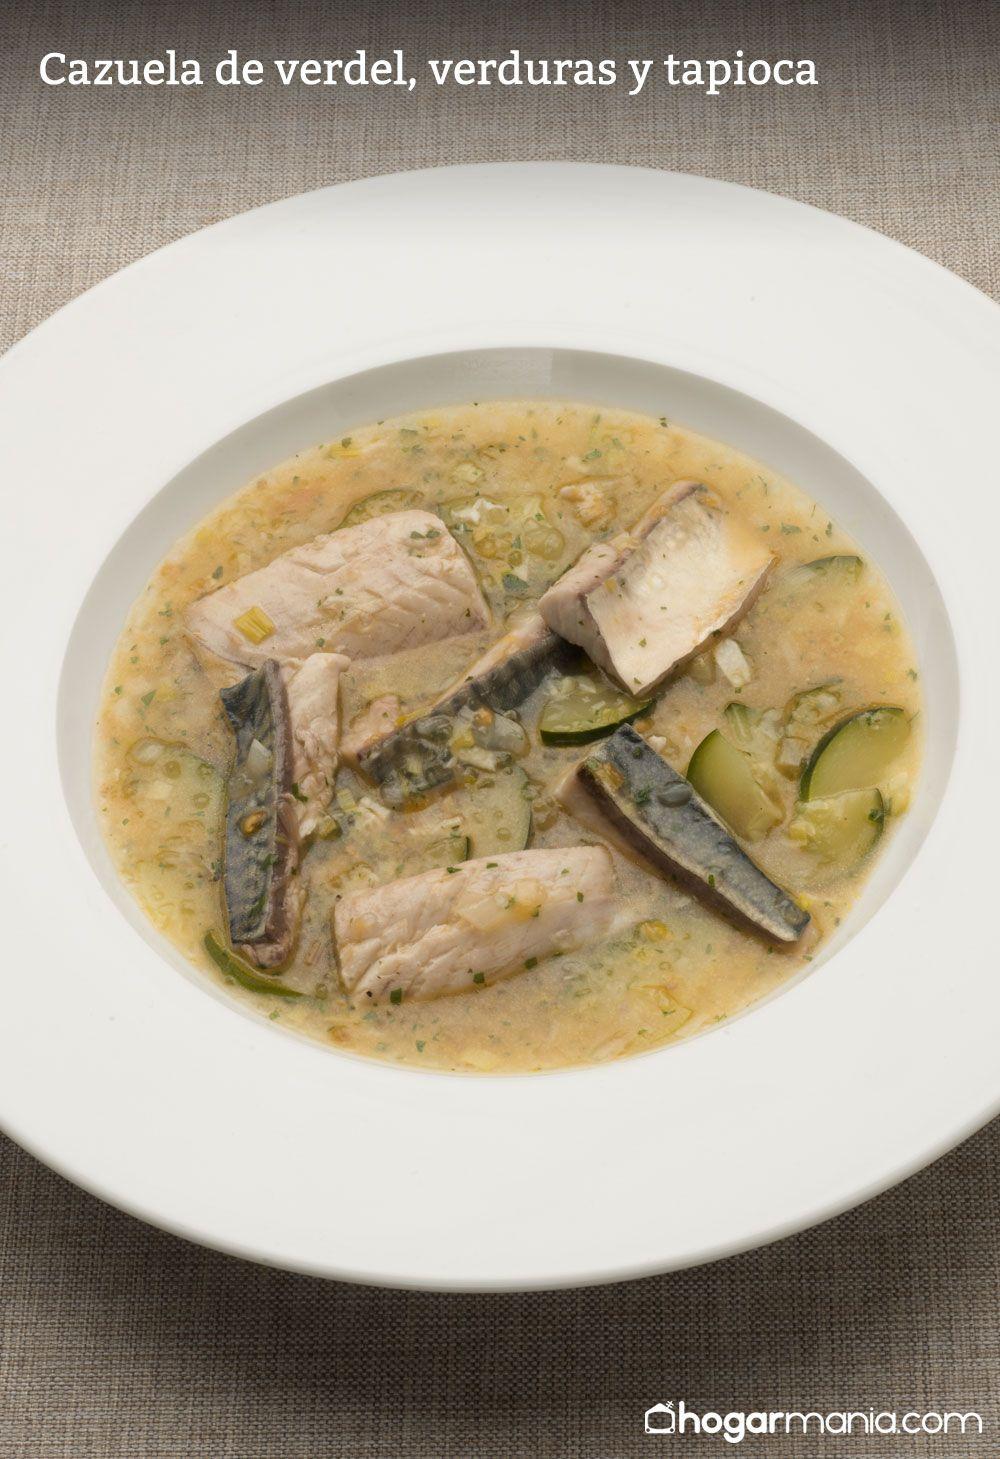 Cazuela de verdel, verduras y tapioca